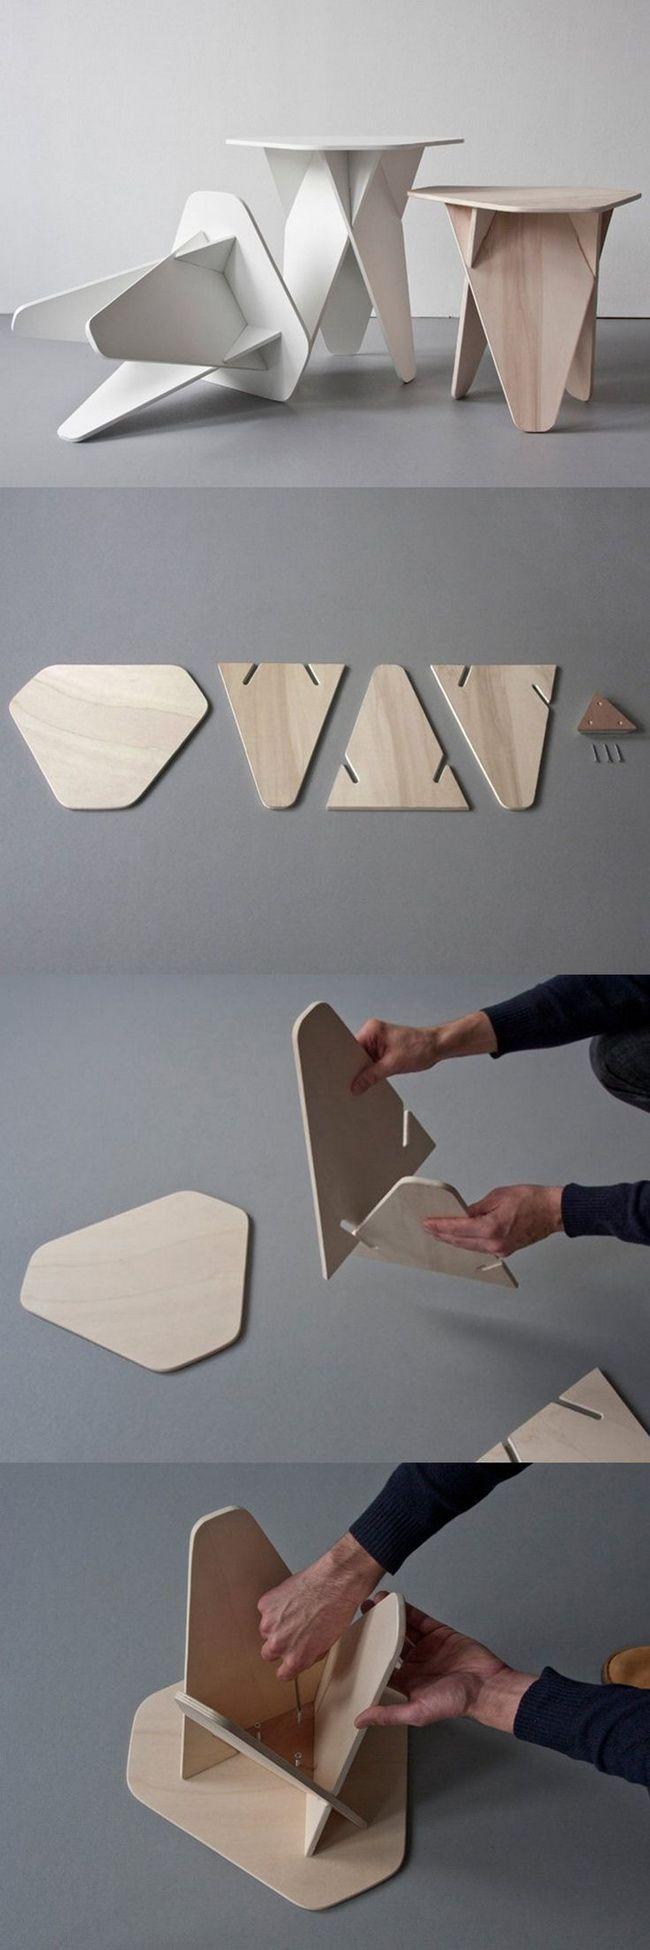 Табурет и кресло-стремянка своими руками (2 проекта, фото, чертежи)